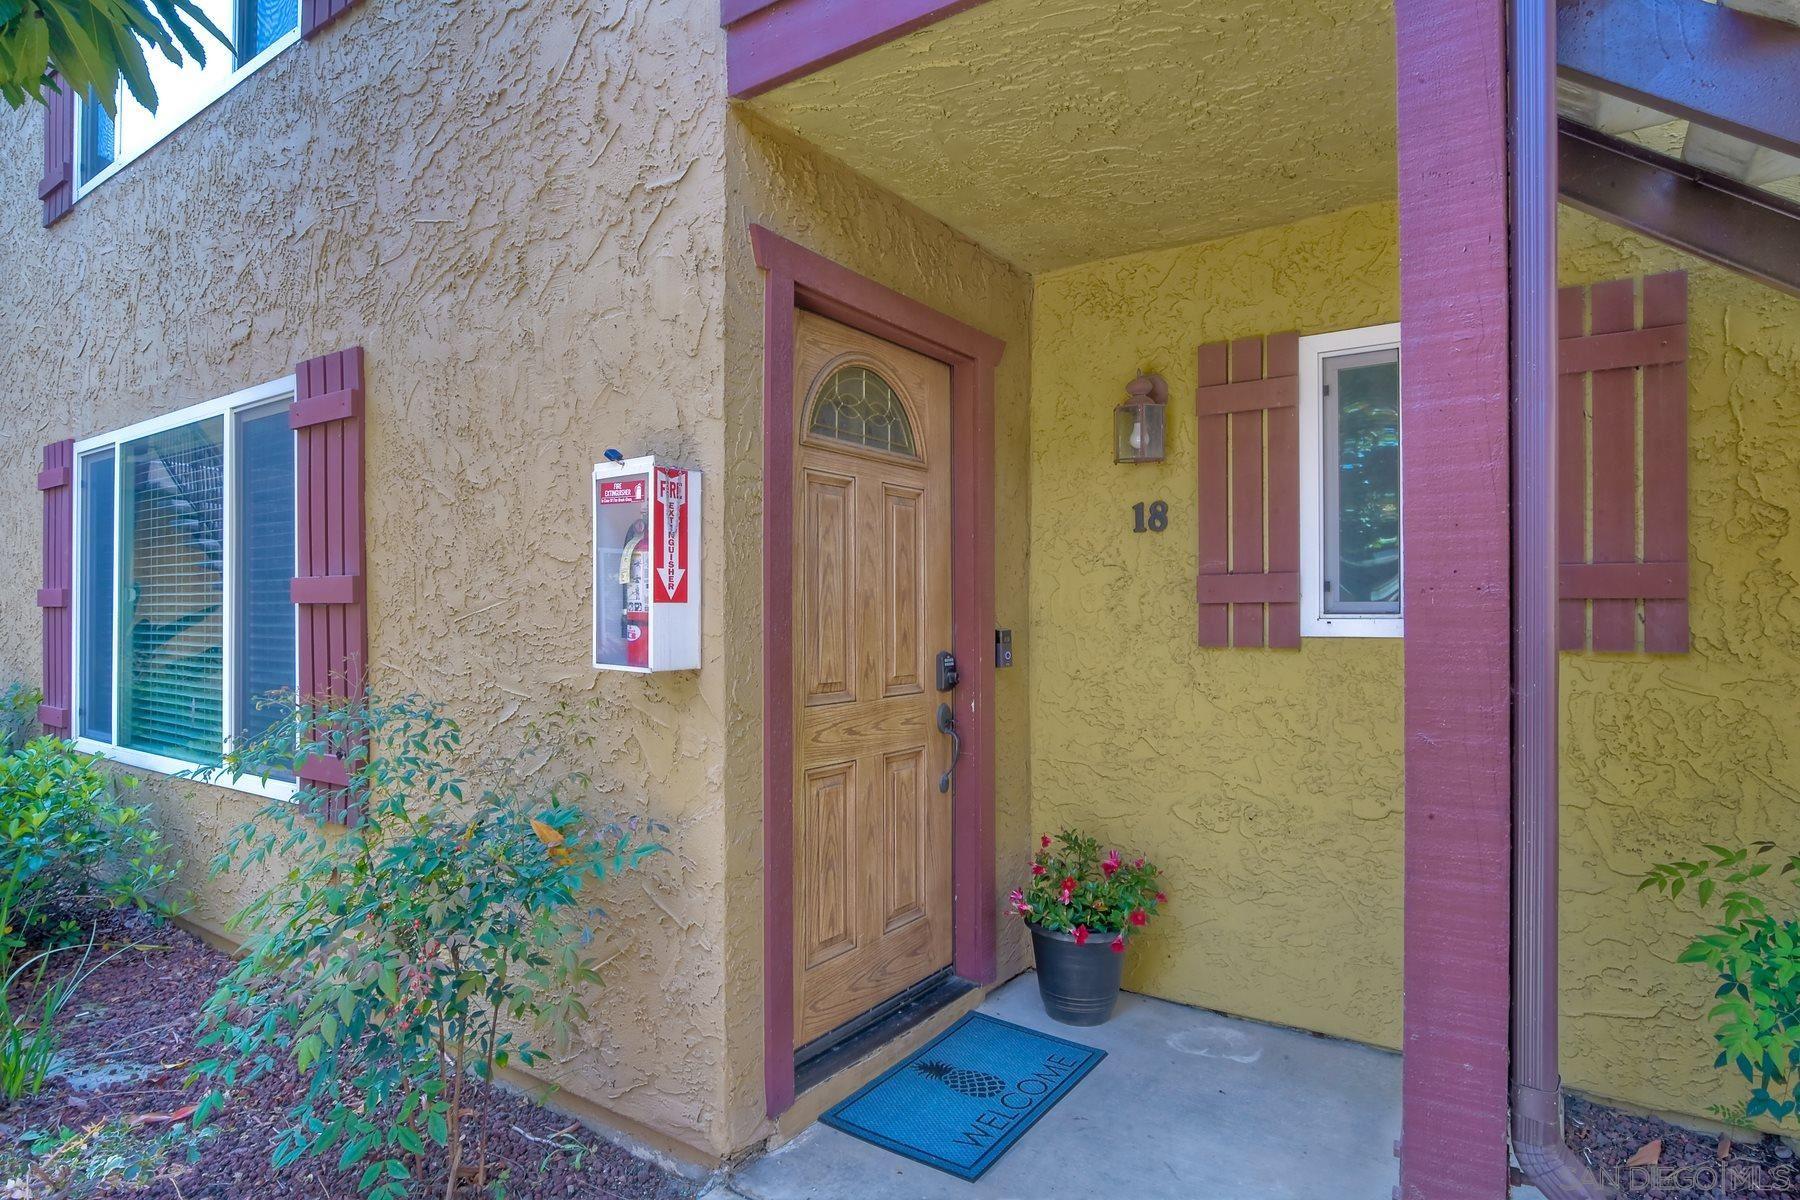 Photo of 1000 Estes St #18, El Cajon, CA 92020 (MLS # 210009141)